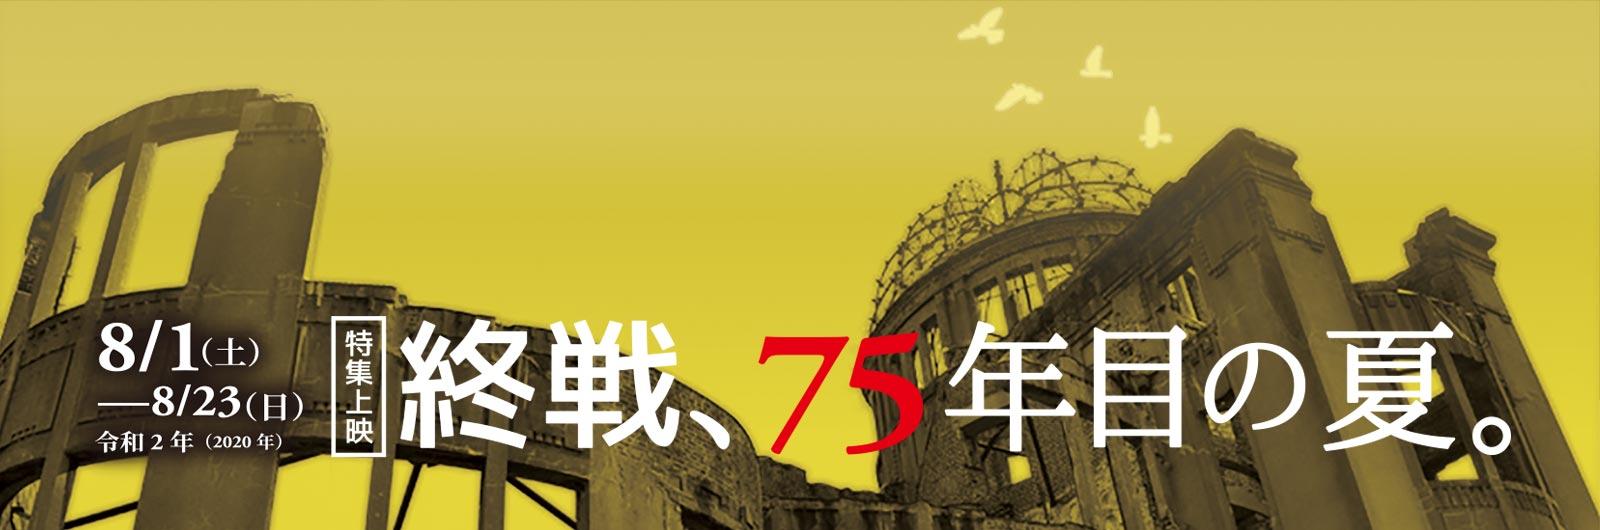 終戦75年目の夏